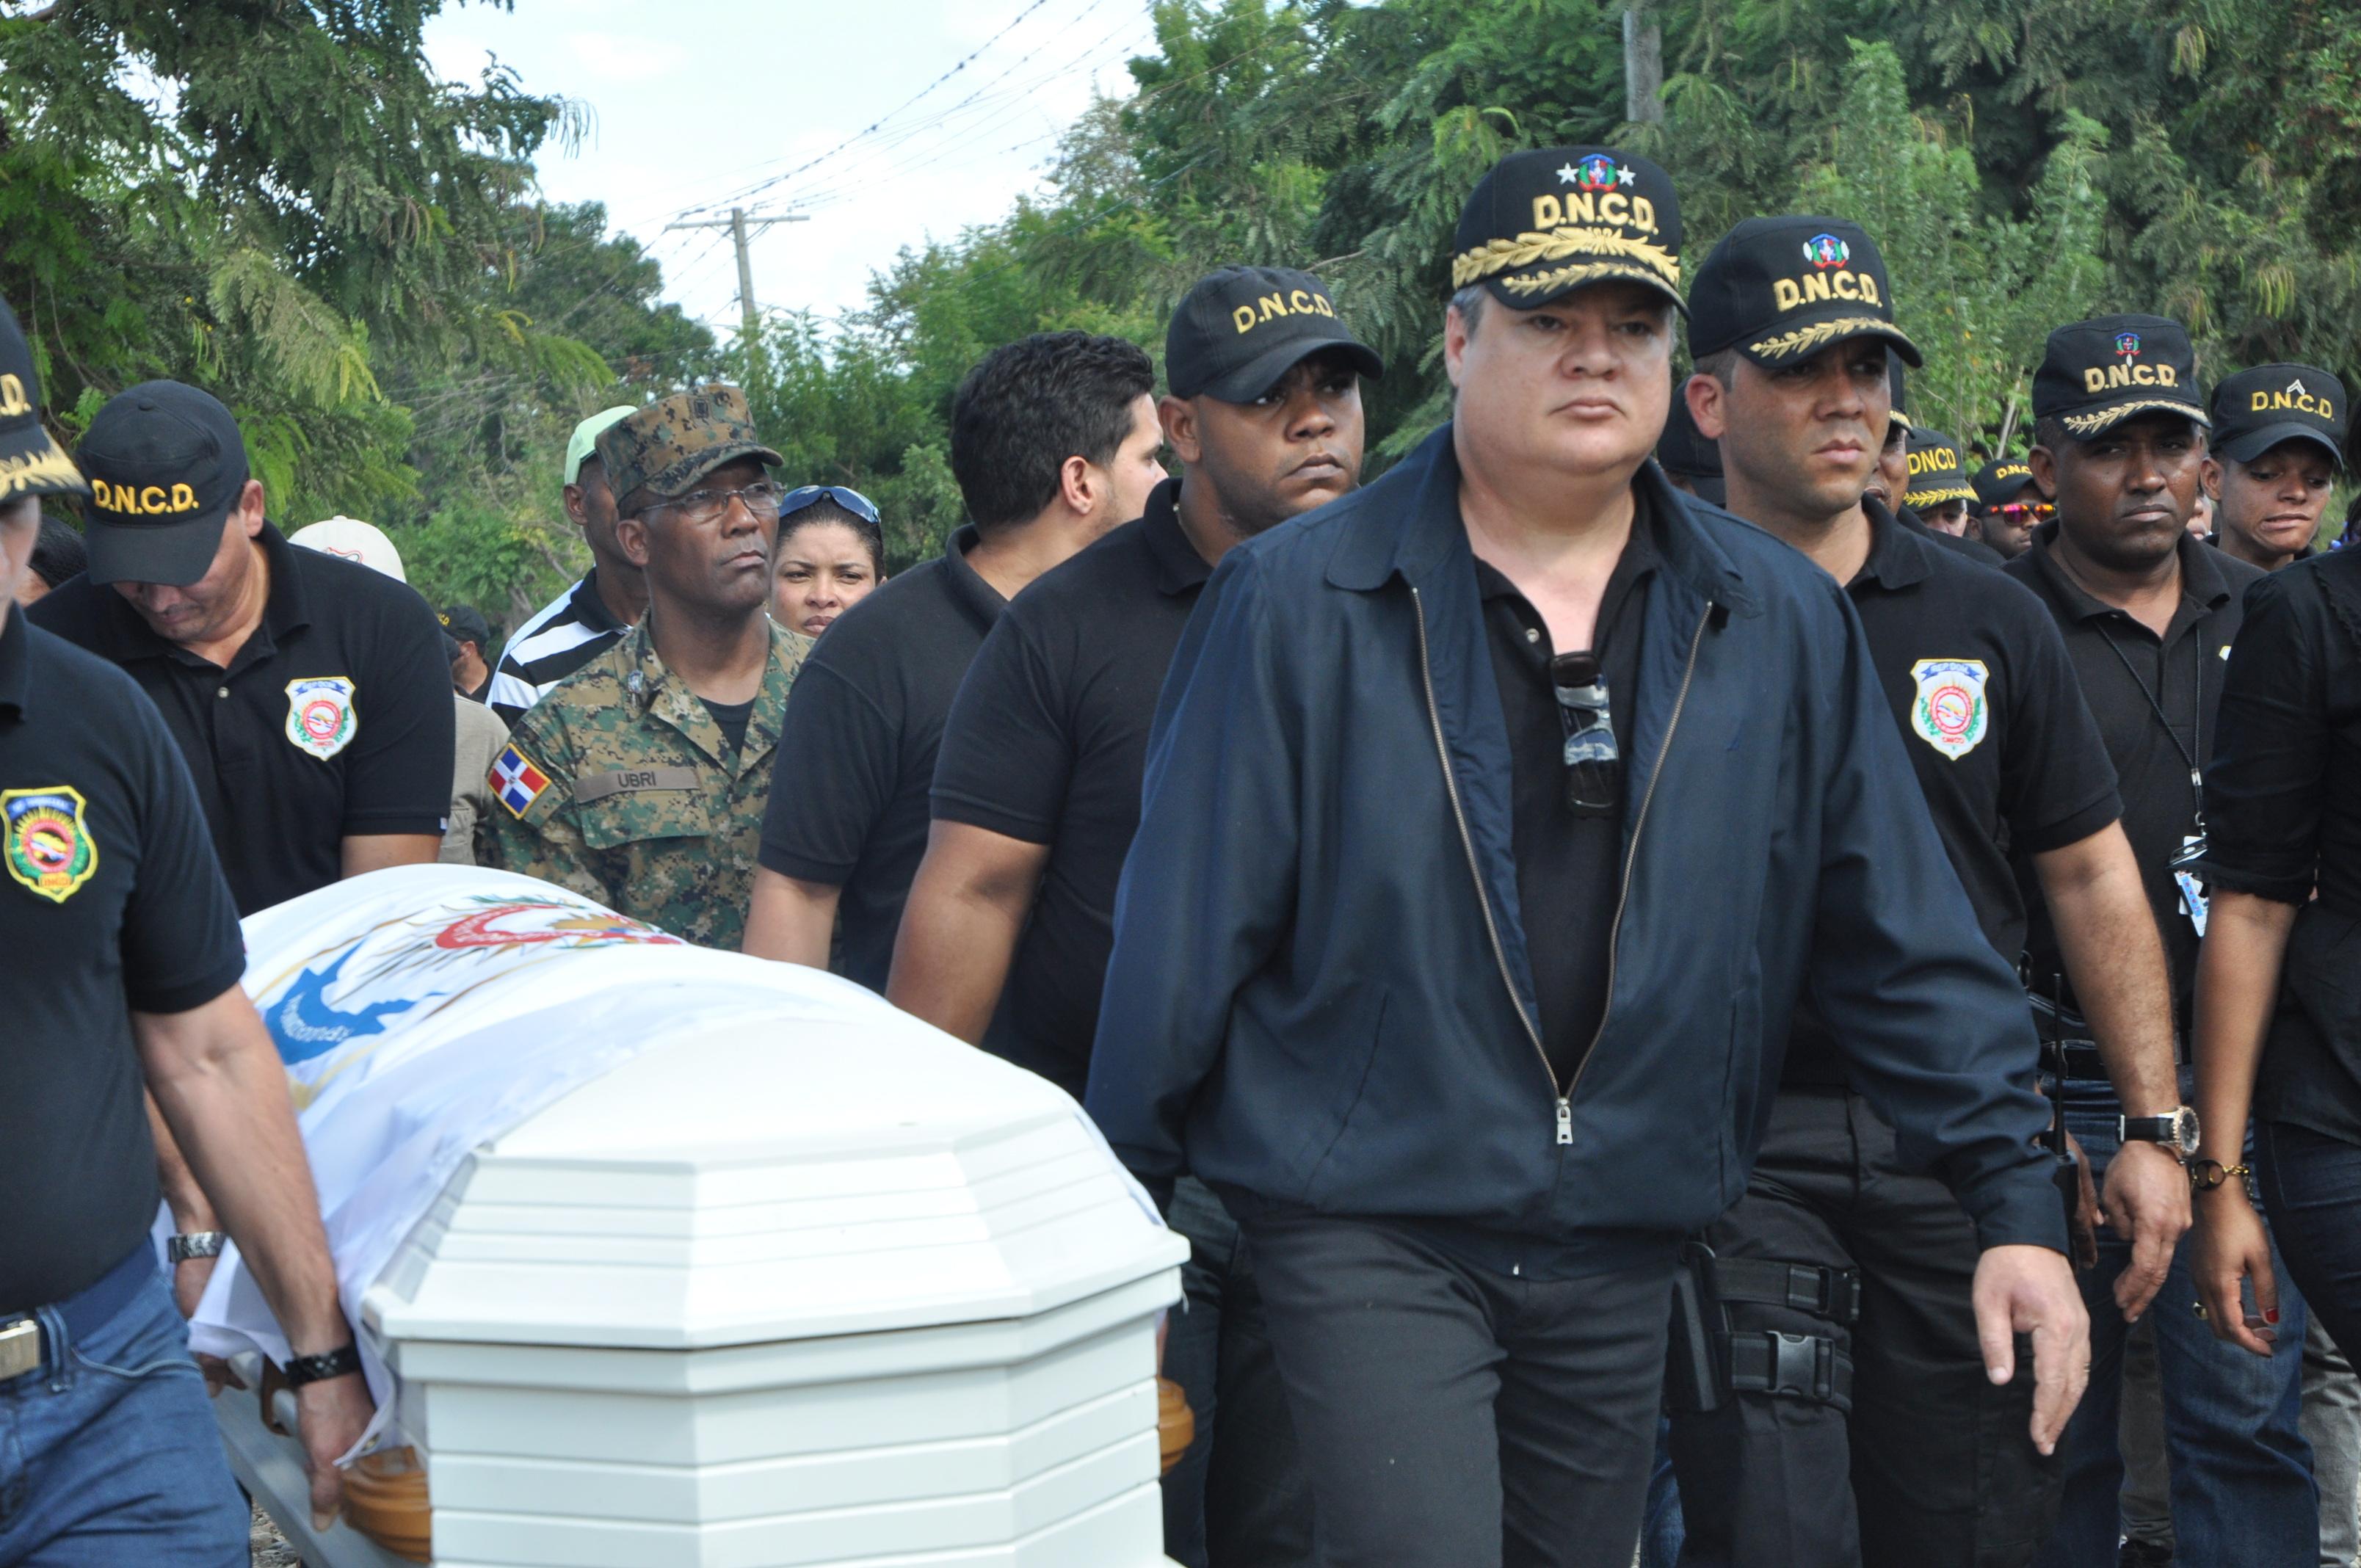 Presidente DNCD encabeza sepelio de agente asesinado en Baní